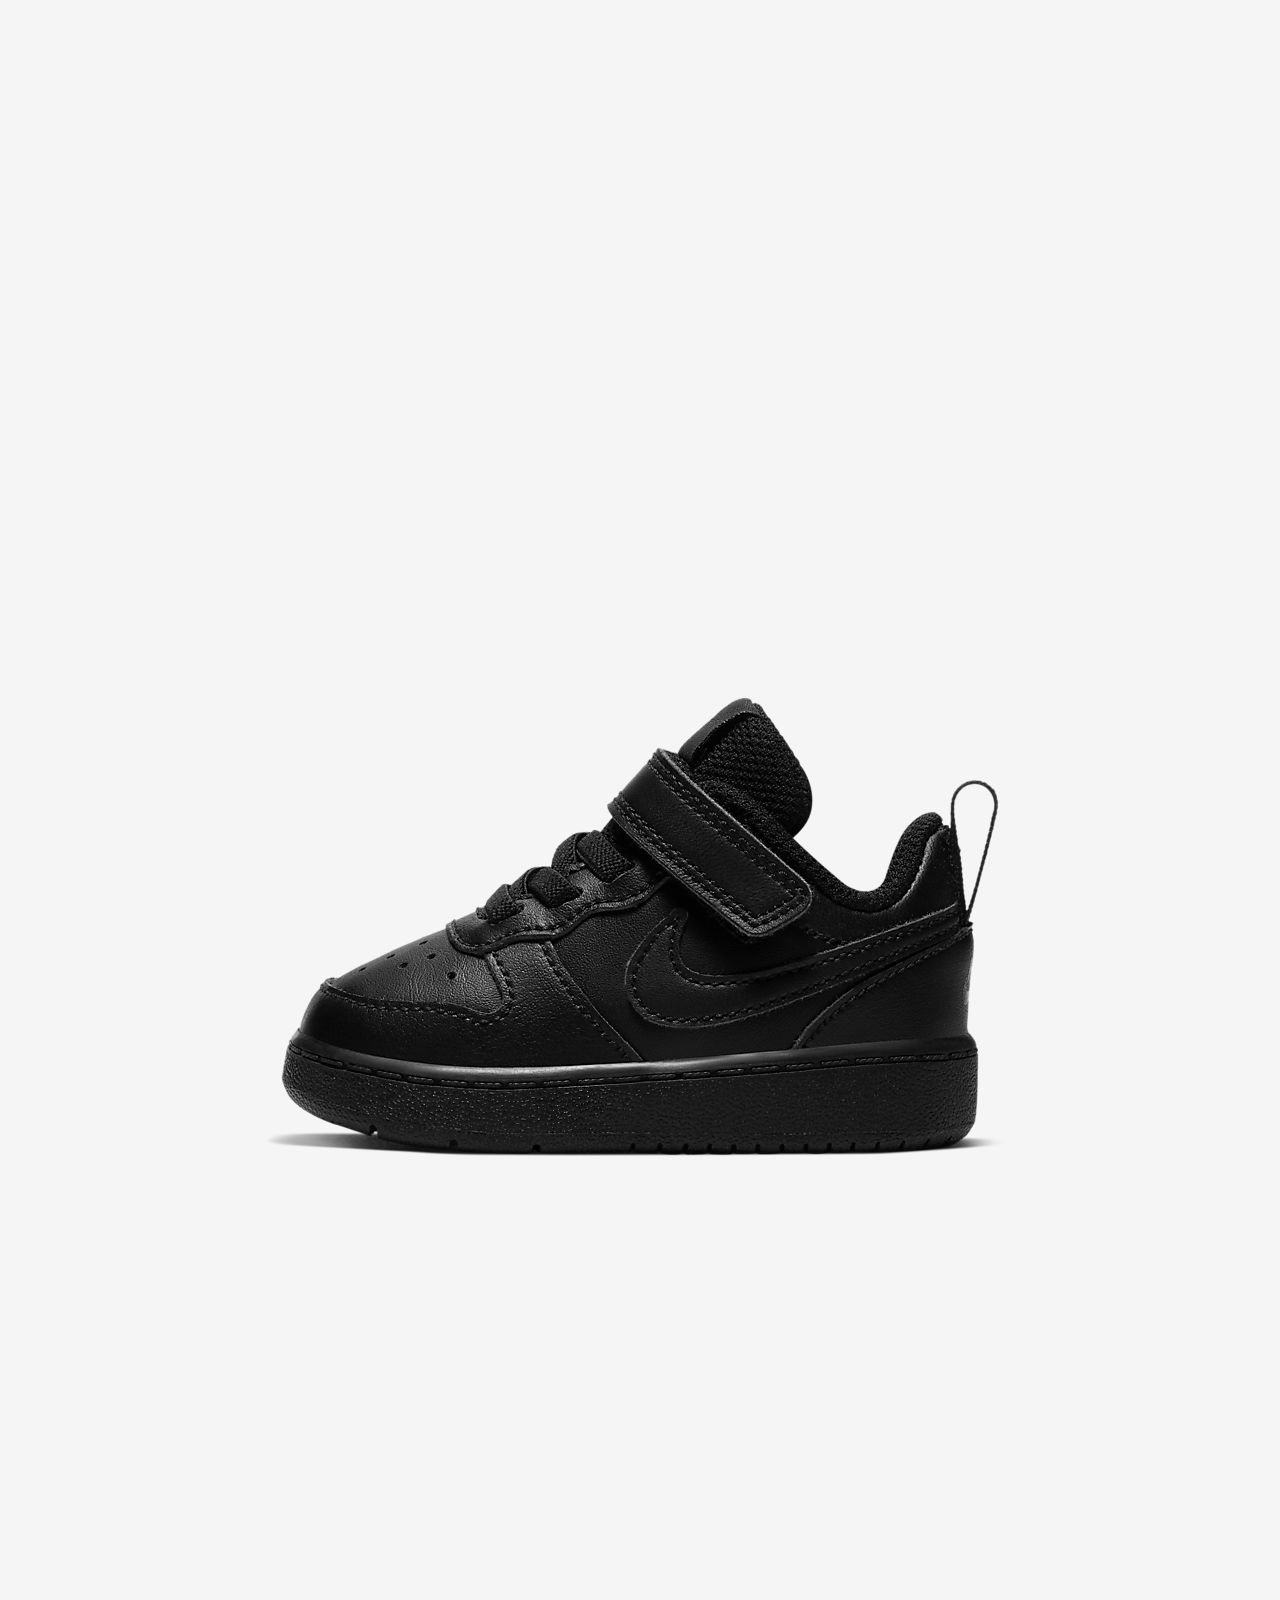 sapatilhas marca All Star GREY BLACK Nike Kyrie 1 novo tenis